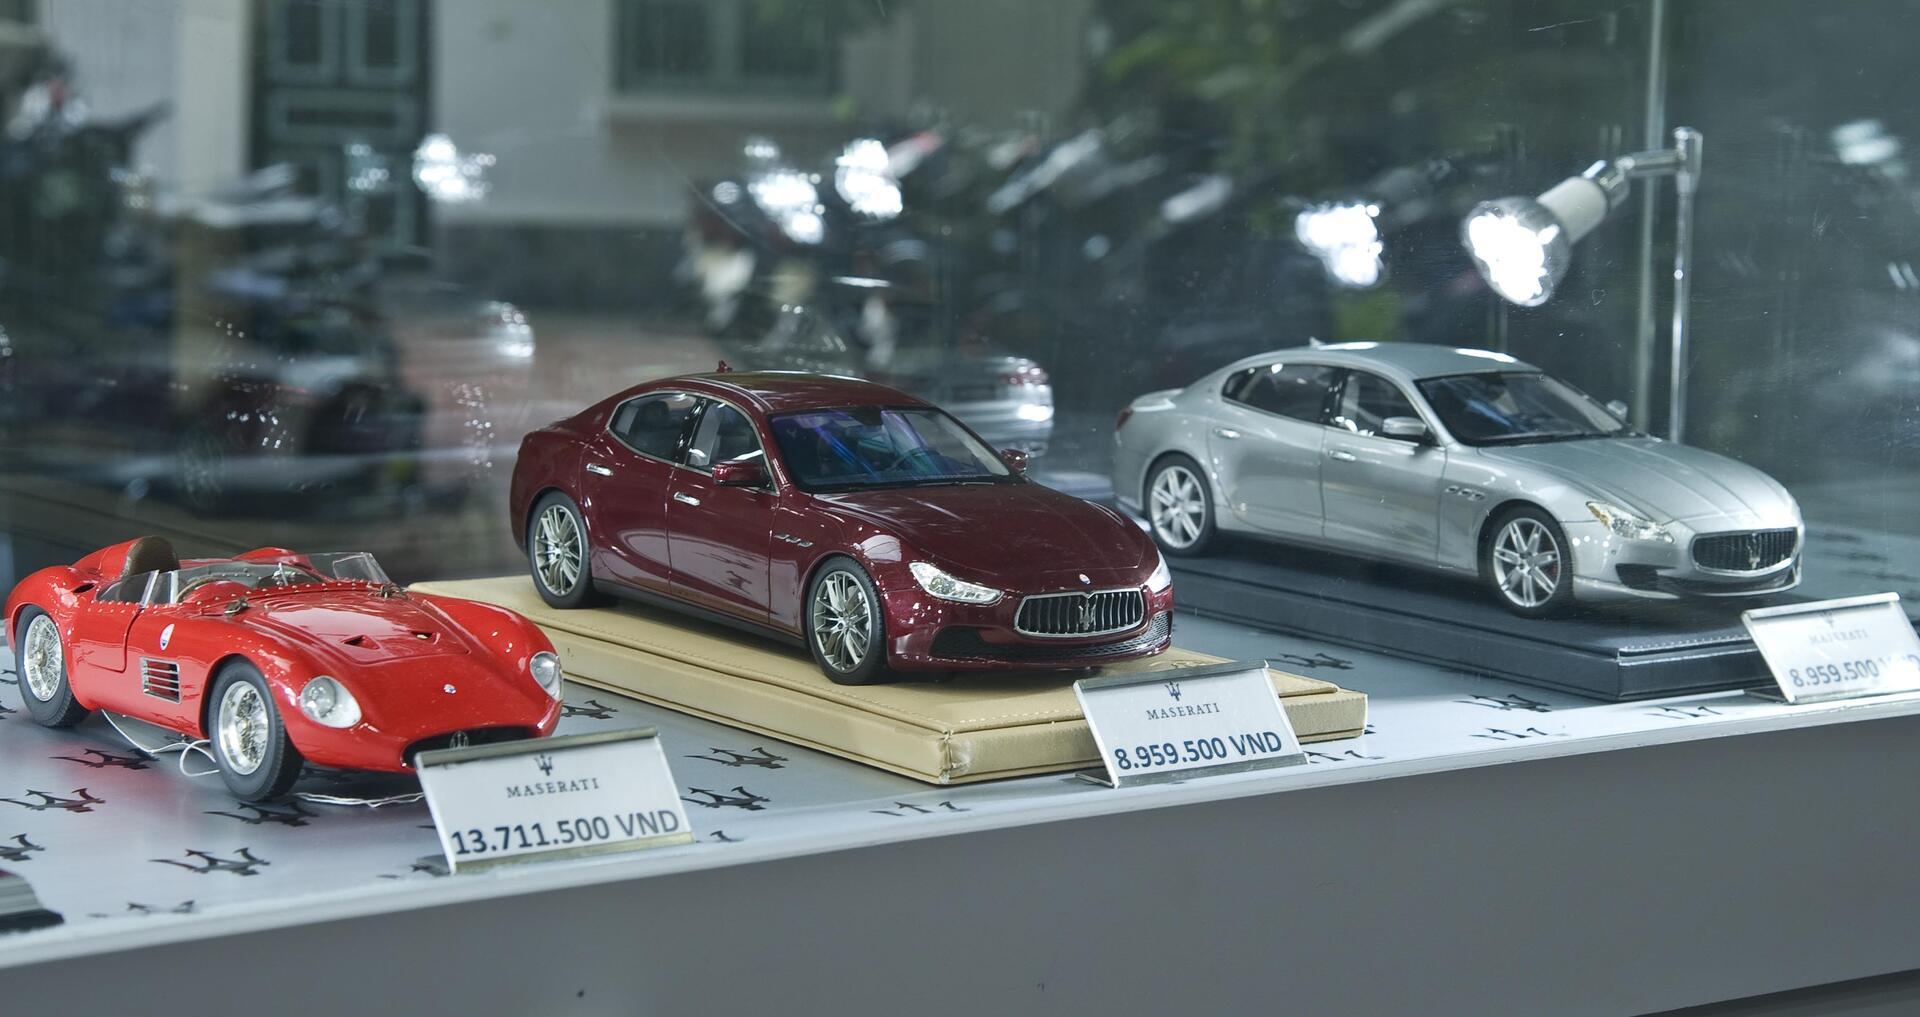 Khai trương Ngôi nhà Maserati tại Hà Nội - Hình 5